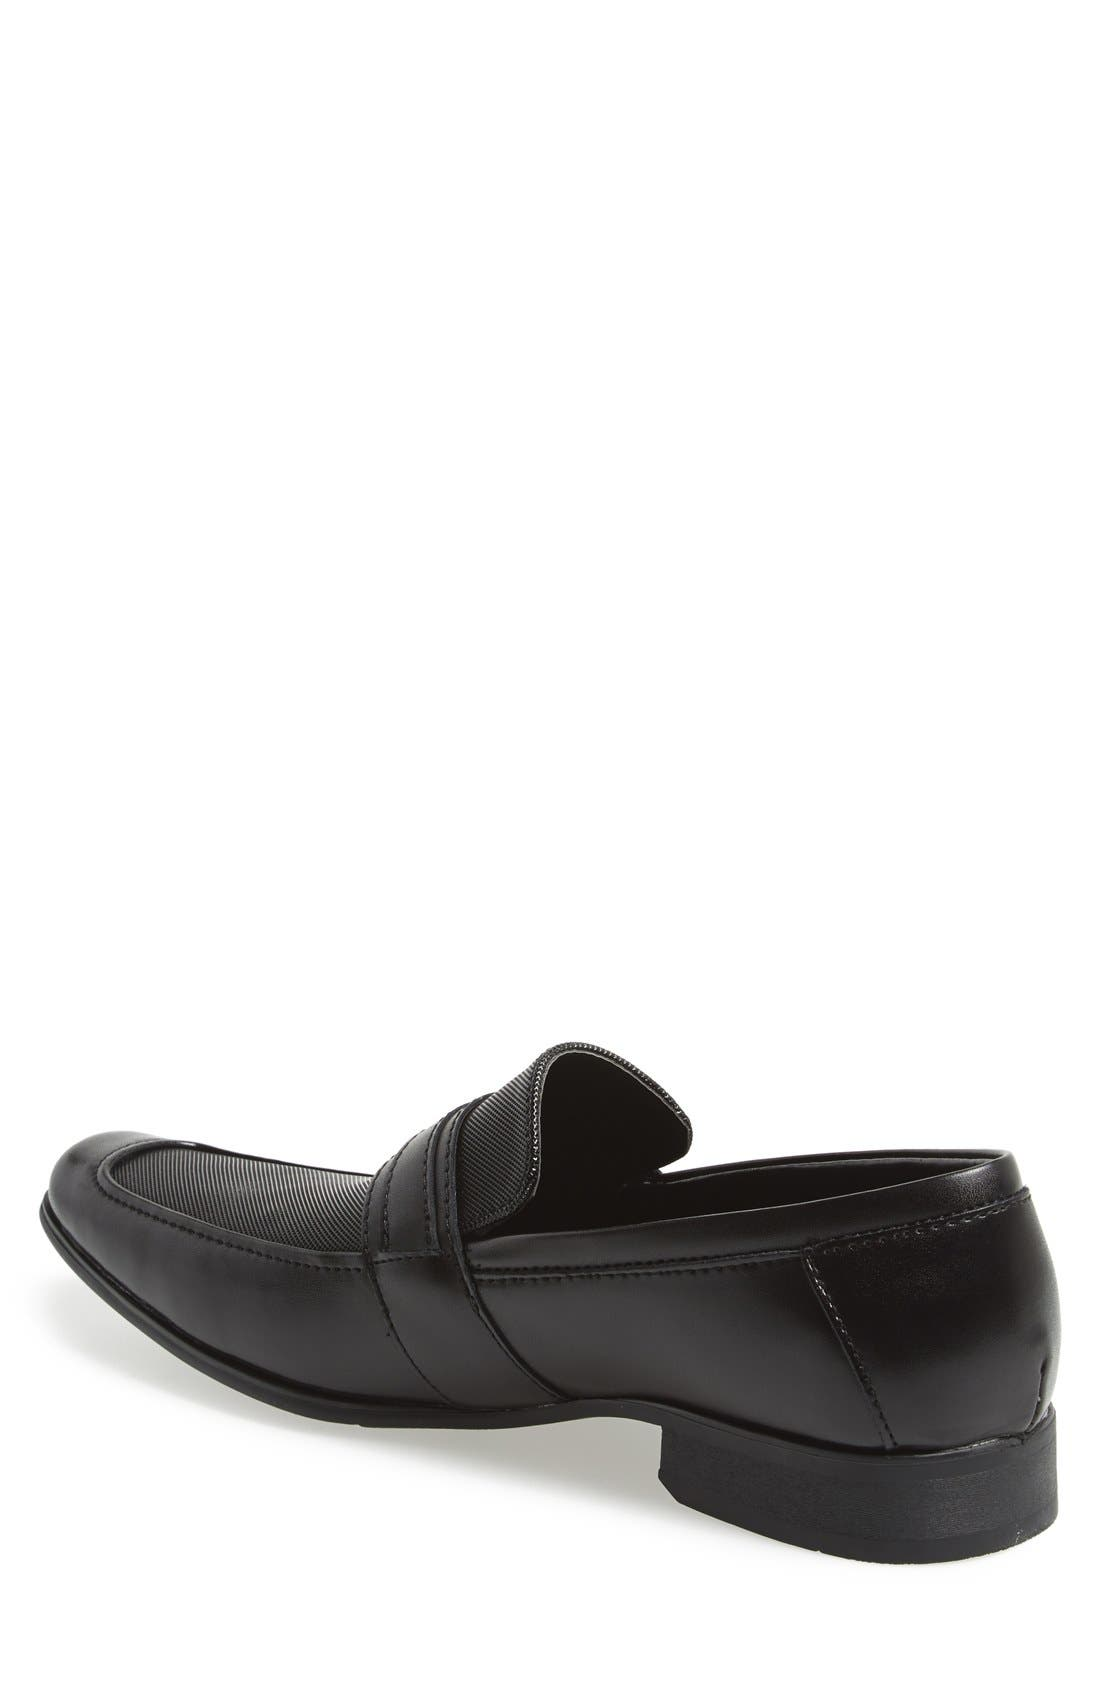 'Bartley' Bit Loafer,                             Alternate thumbnail 2, color,                             Black